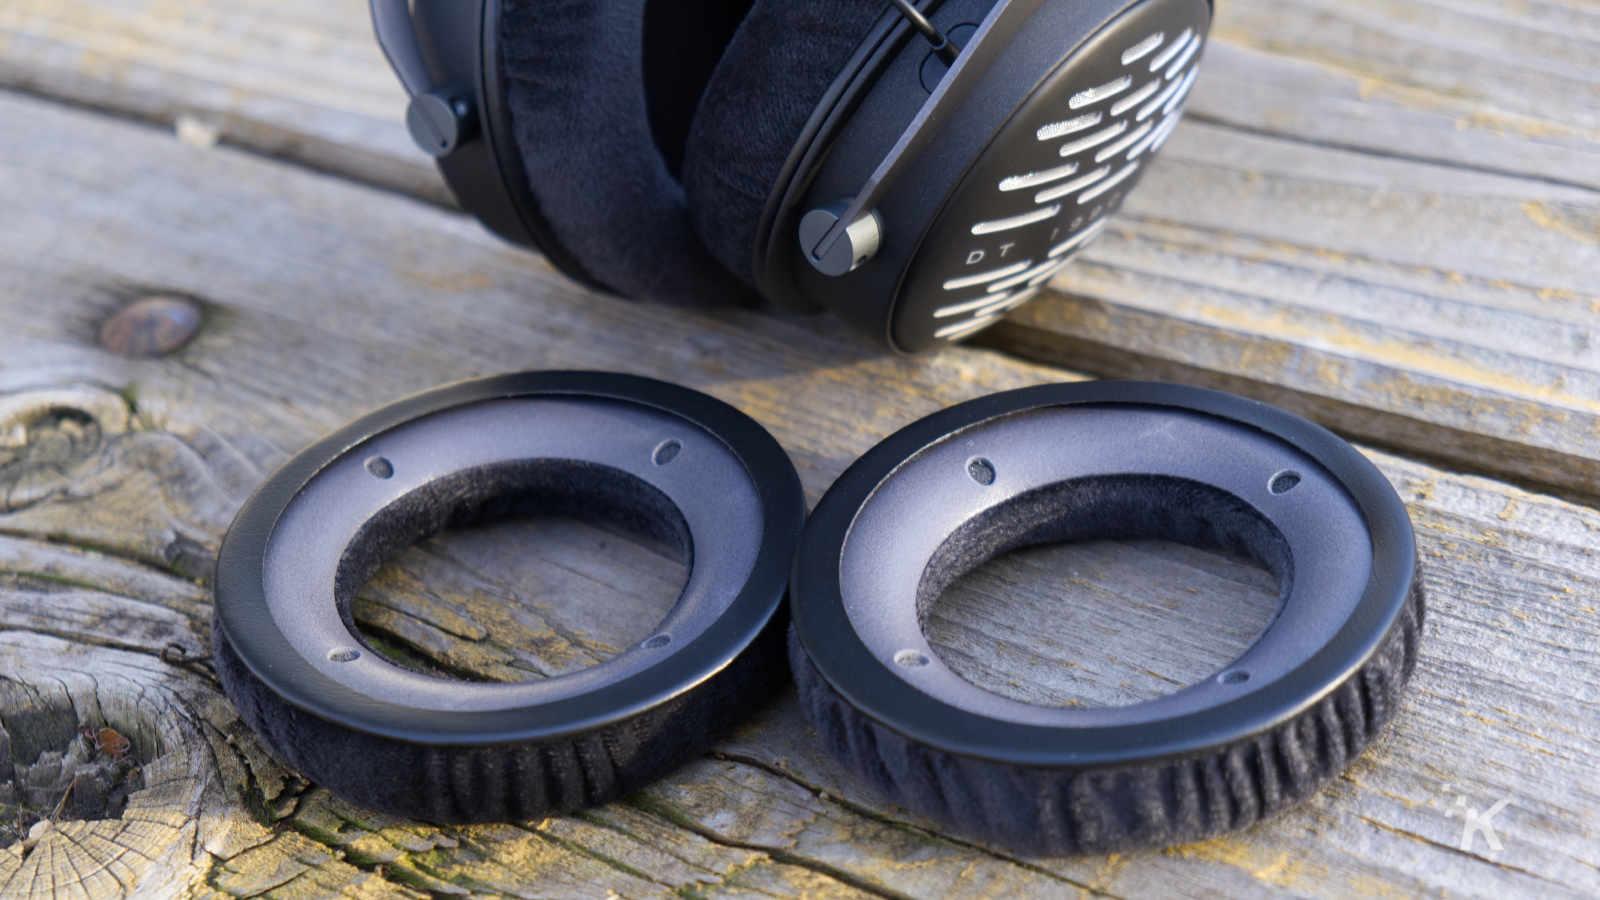 Comentarios: auriculares Beyerdynamic DT 1990 Pro Open Studio 3